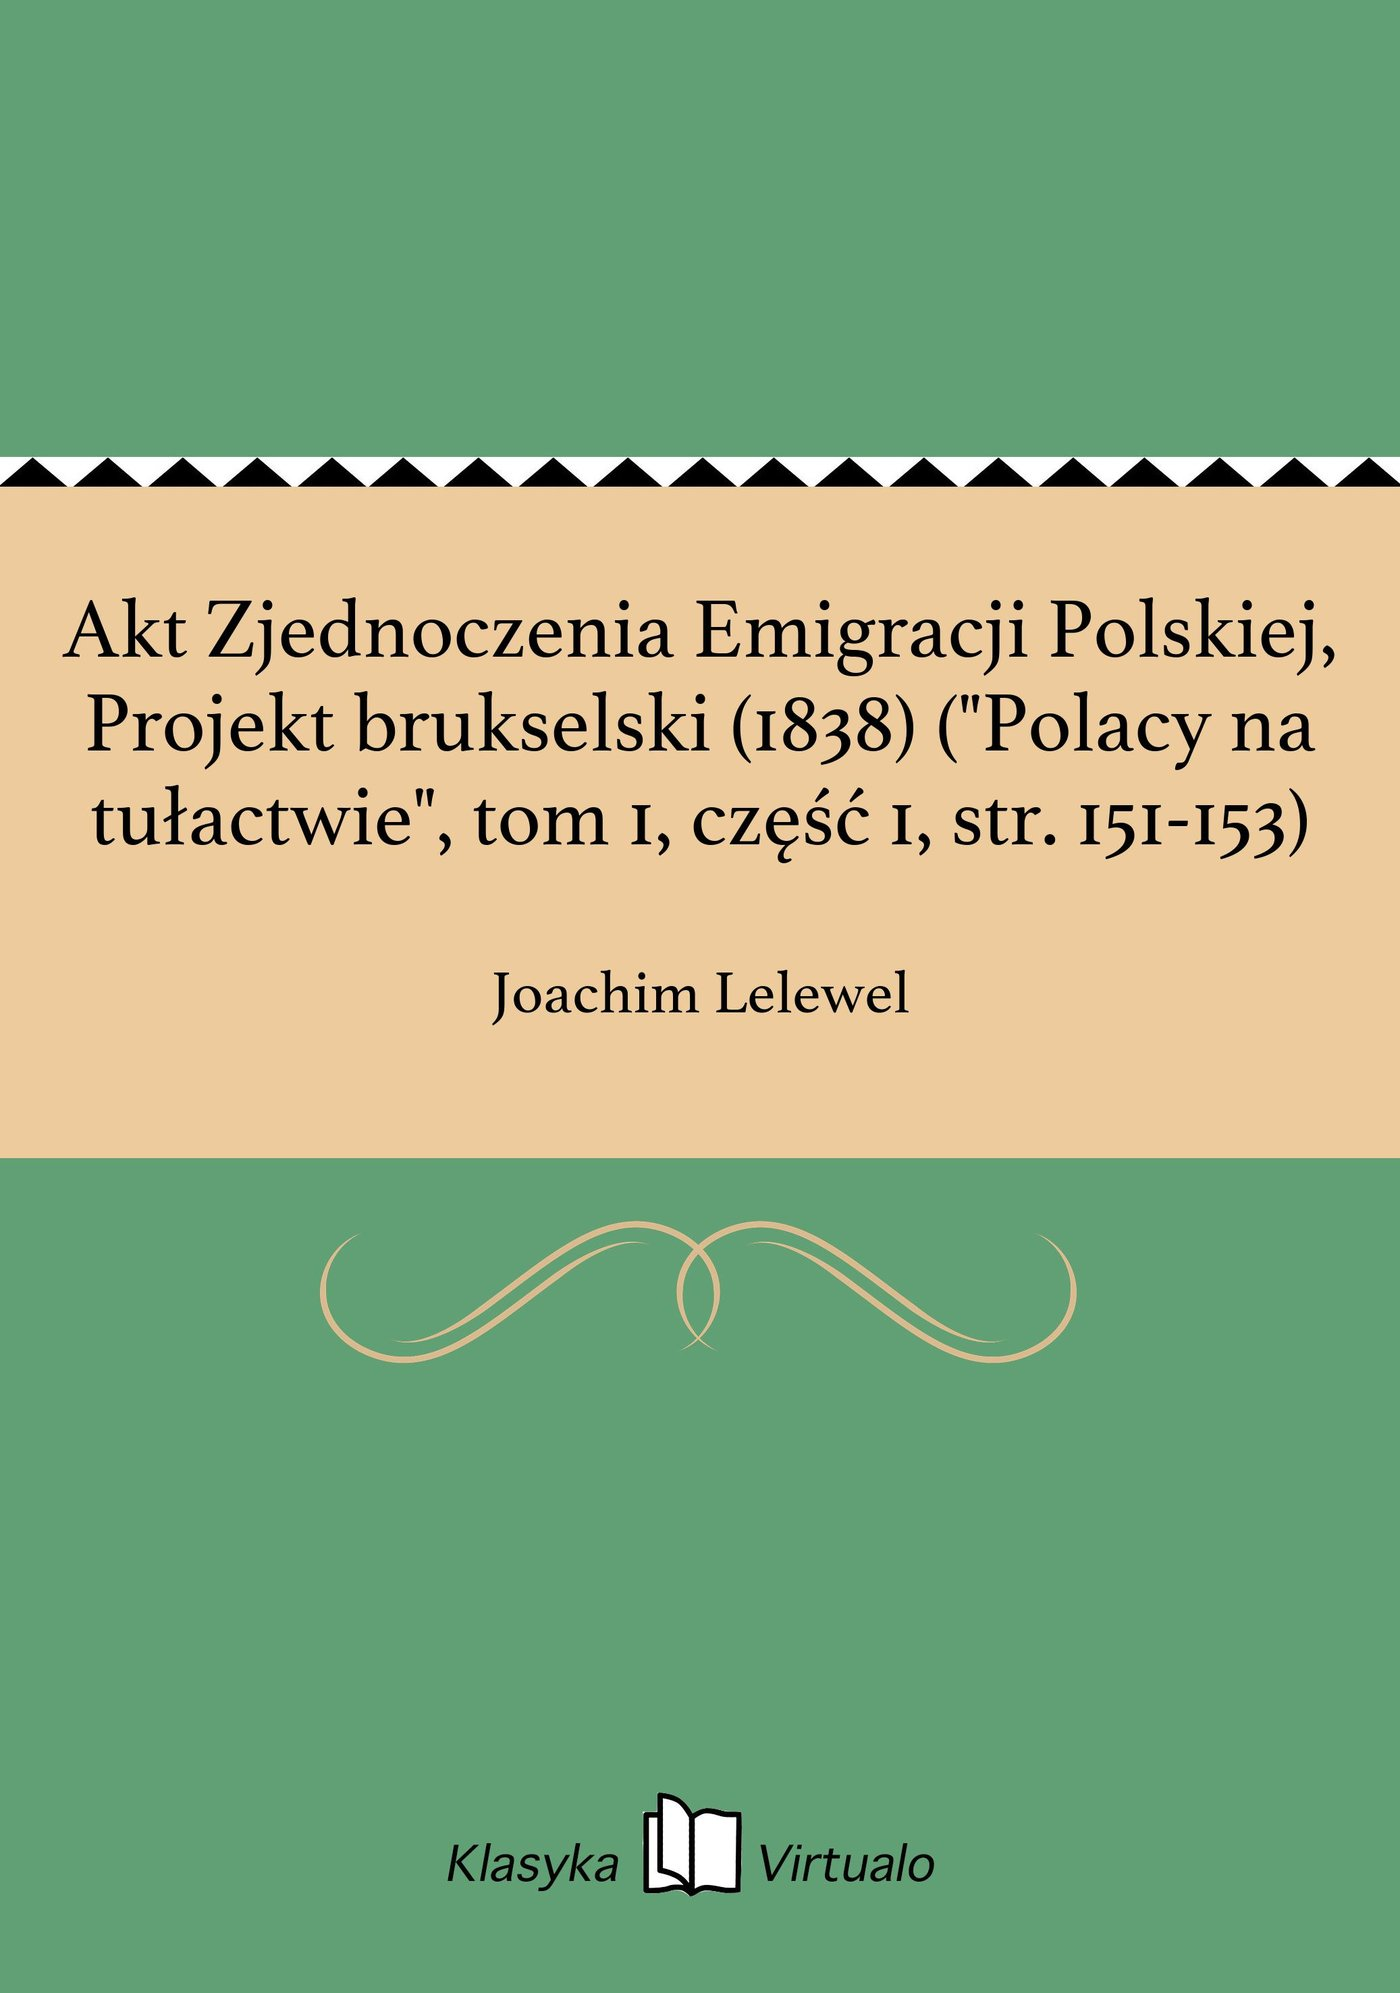 """Akt Zjednoczenia Emigracji Polskiej, Projekt brukselski (1838) (""""Polacy na tułactwie"""", tom 1, część 1, str. 151-153) - Ebook (Książka EPUB) do pobrania w formacie EPUB"""